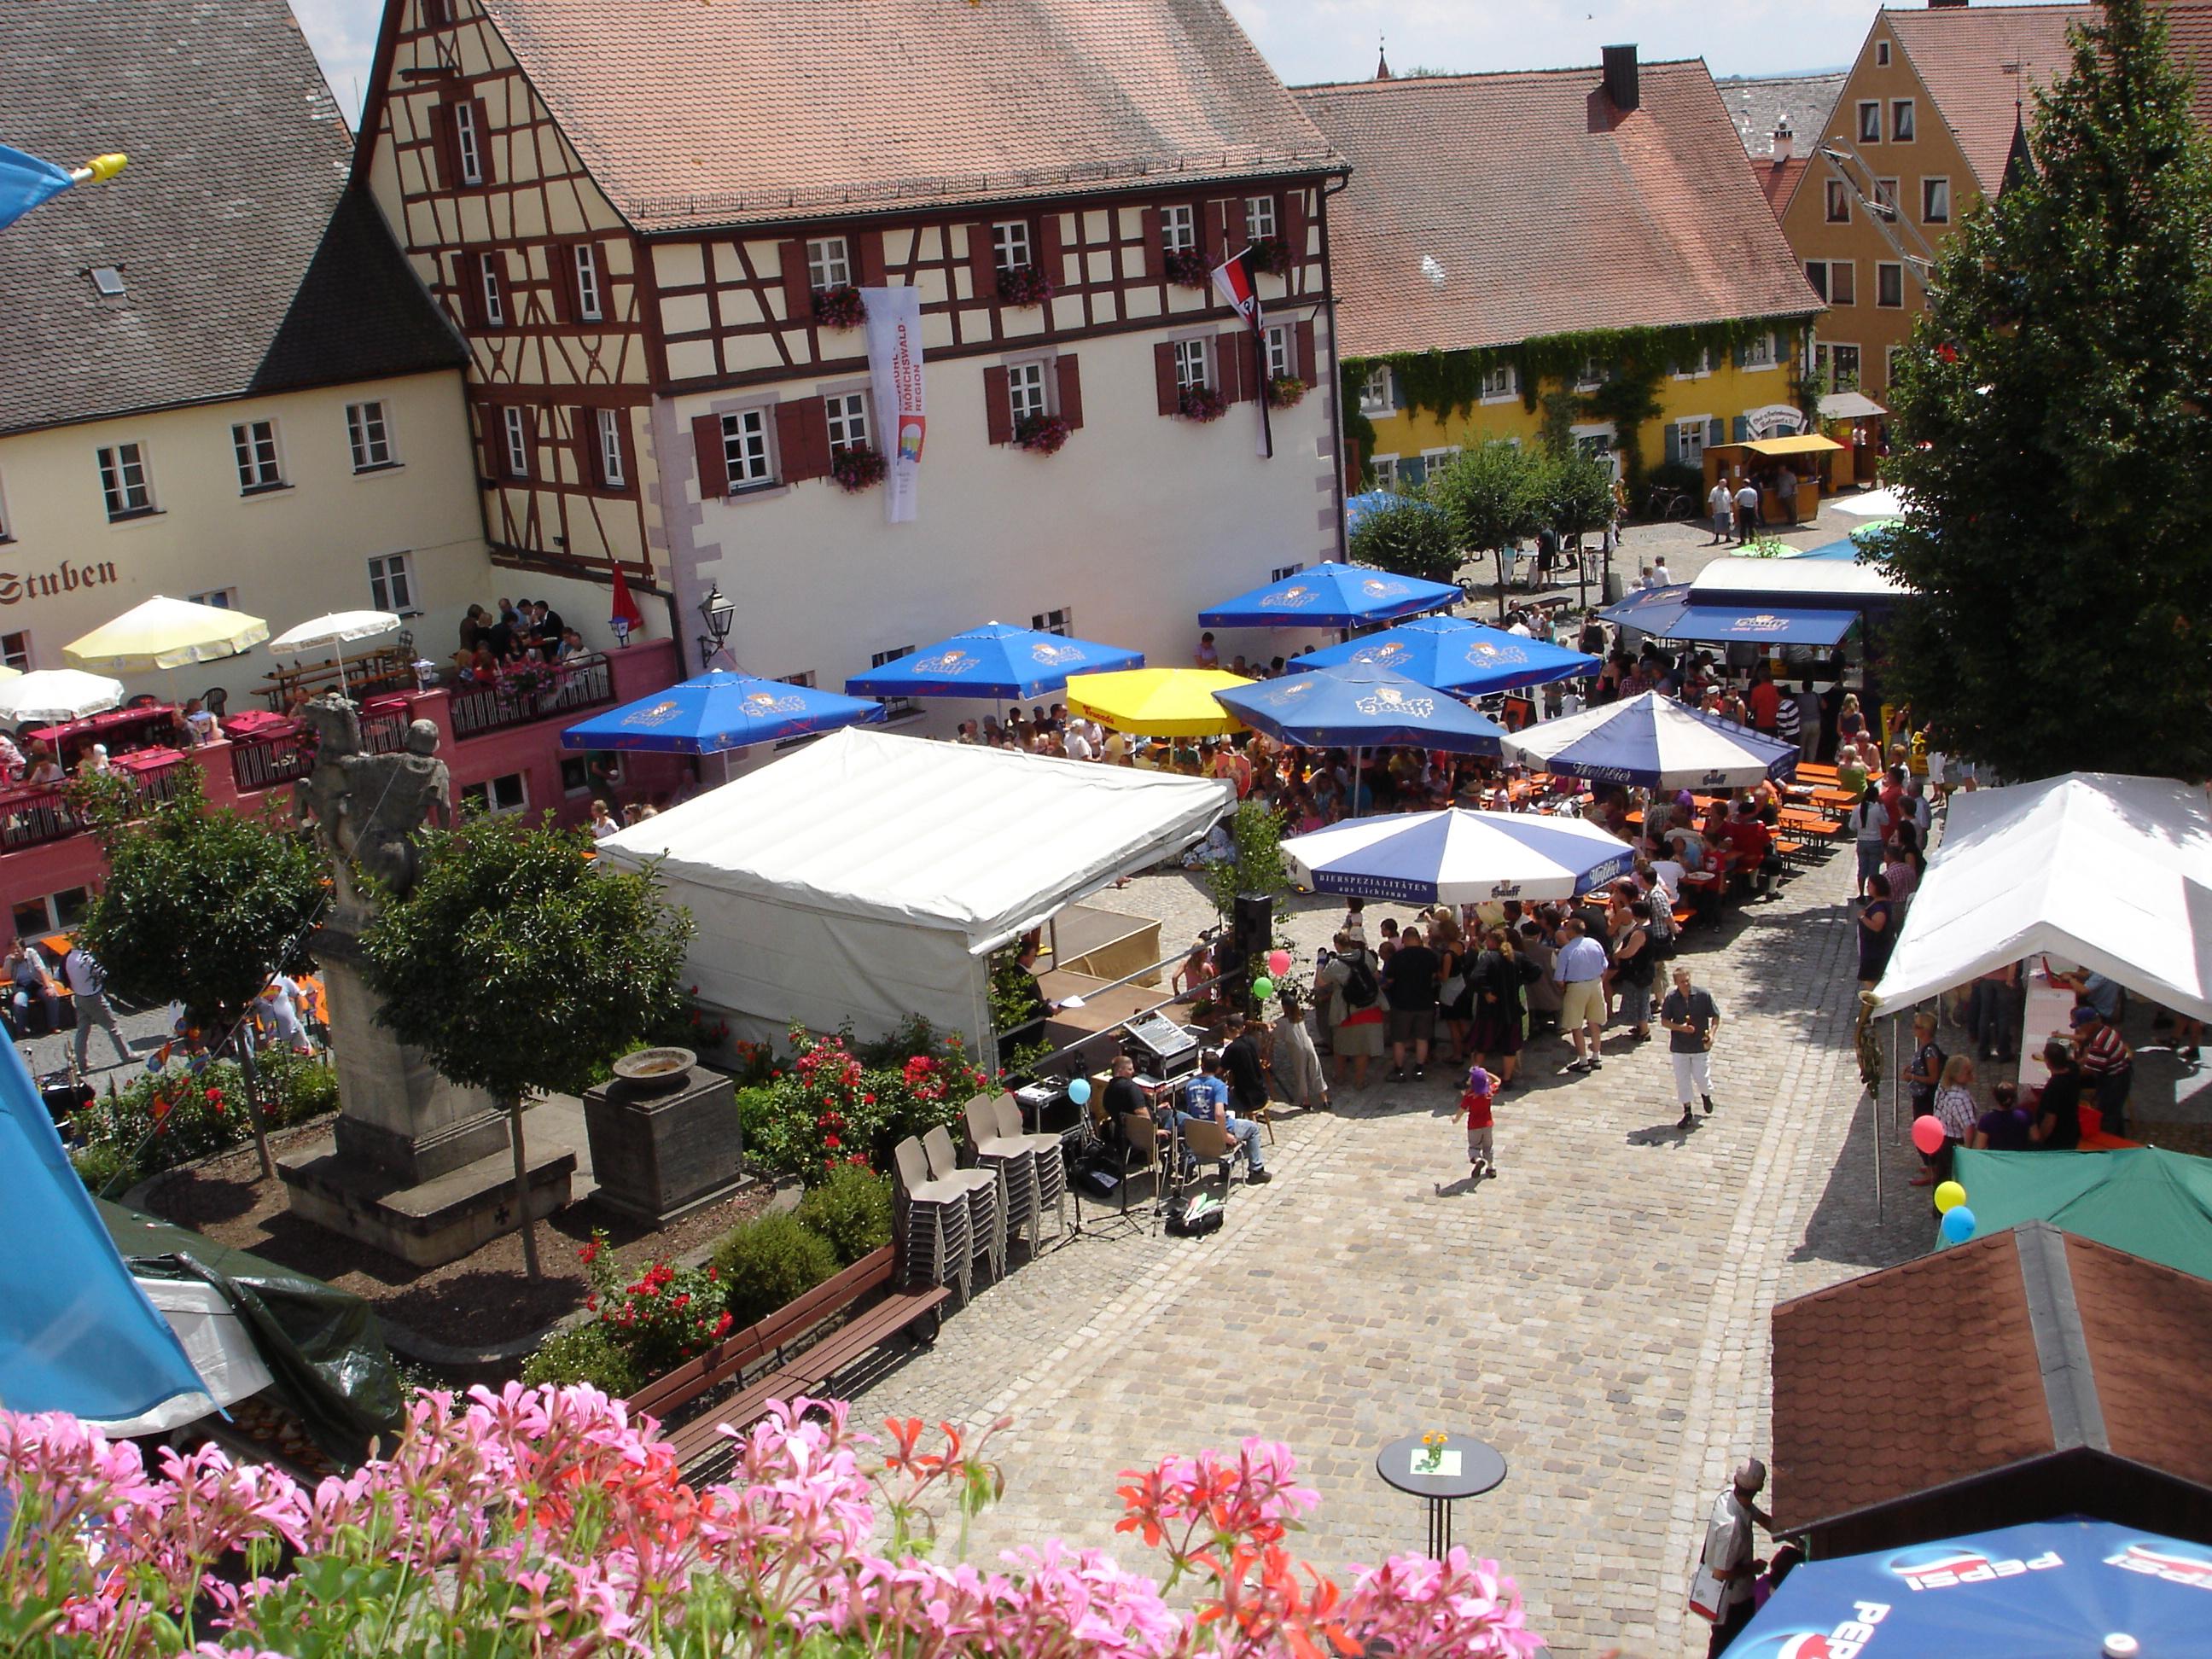 Altstadtfest auf dem Marktplatz Merkendorf